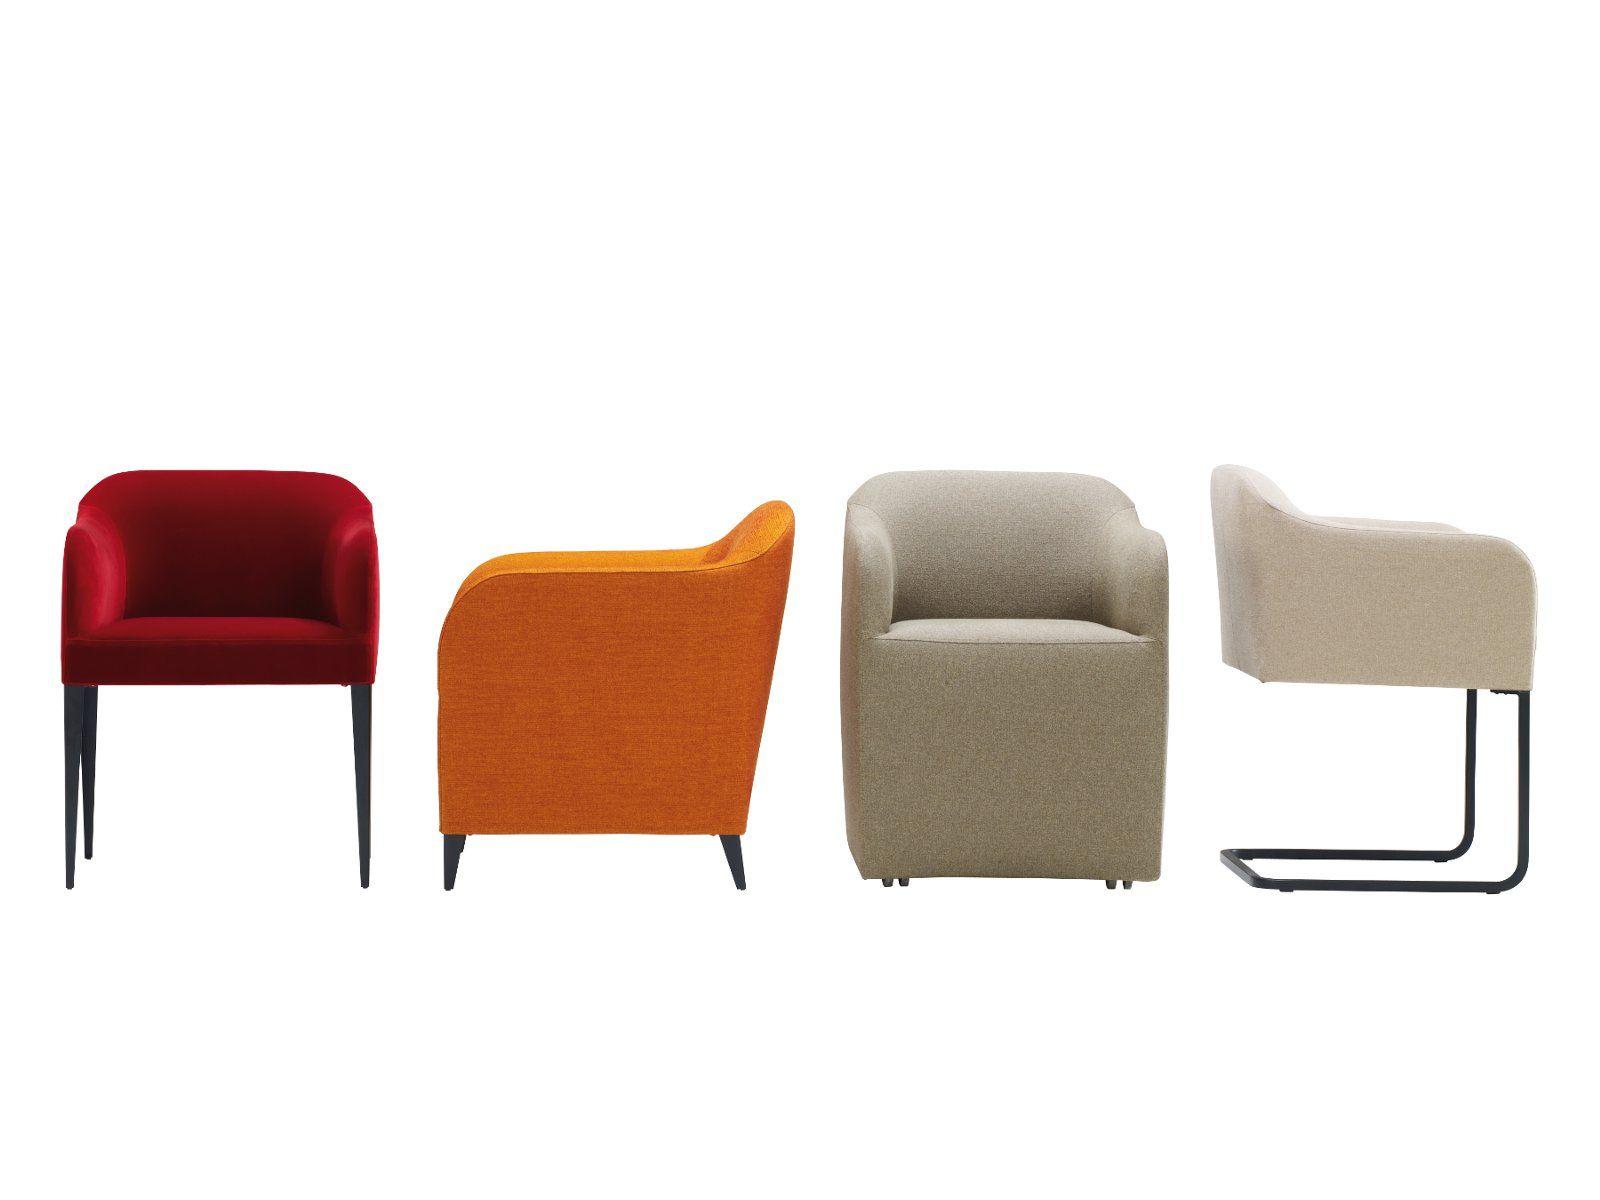 Chaise en porte-à-faux en tissu avec accoudoirs LUCA SOFT by ROSET ITALIA design Jean-Philippe Nuel